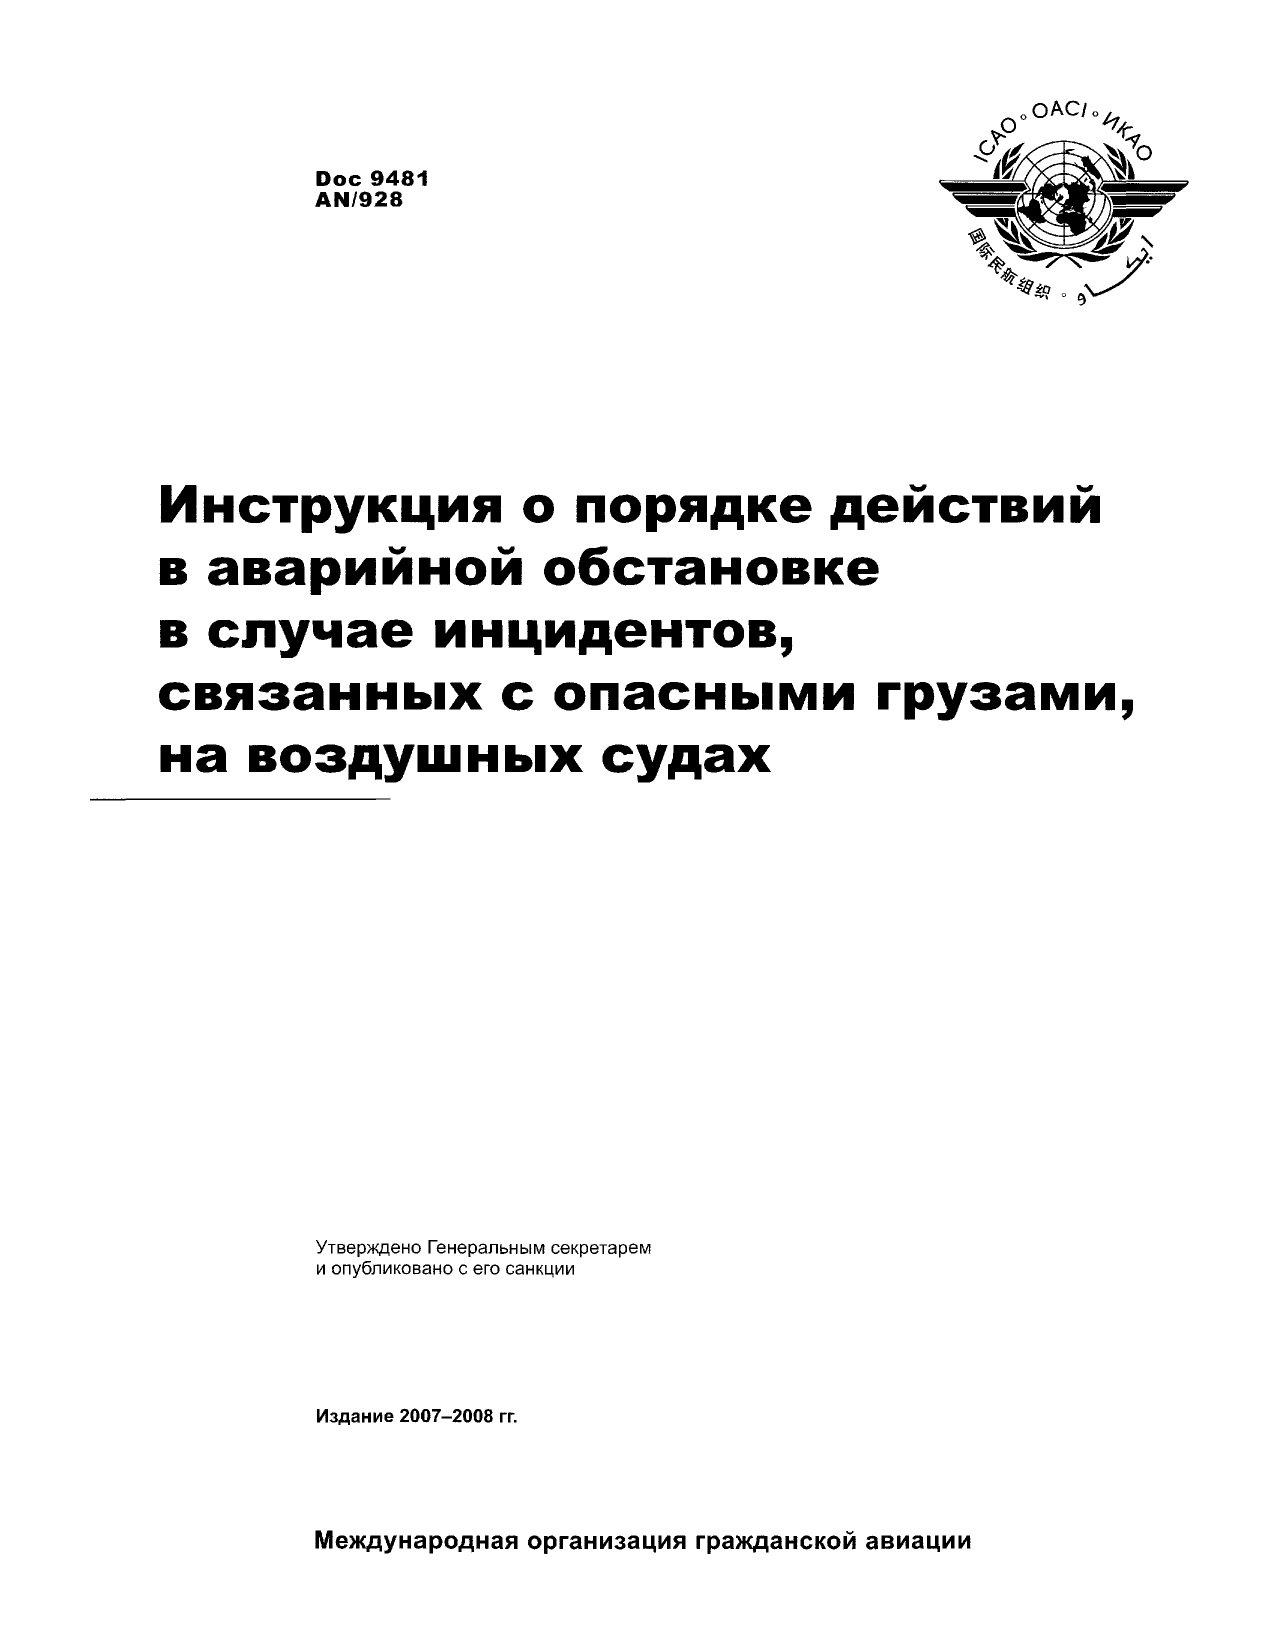 ICAO Doc 9481 Инструкция о порядке действий в аварийной обстановке в случае инцидентов, связанных с опасными грузами, на воздушных судах